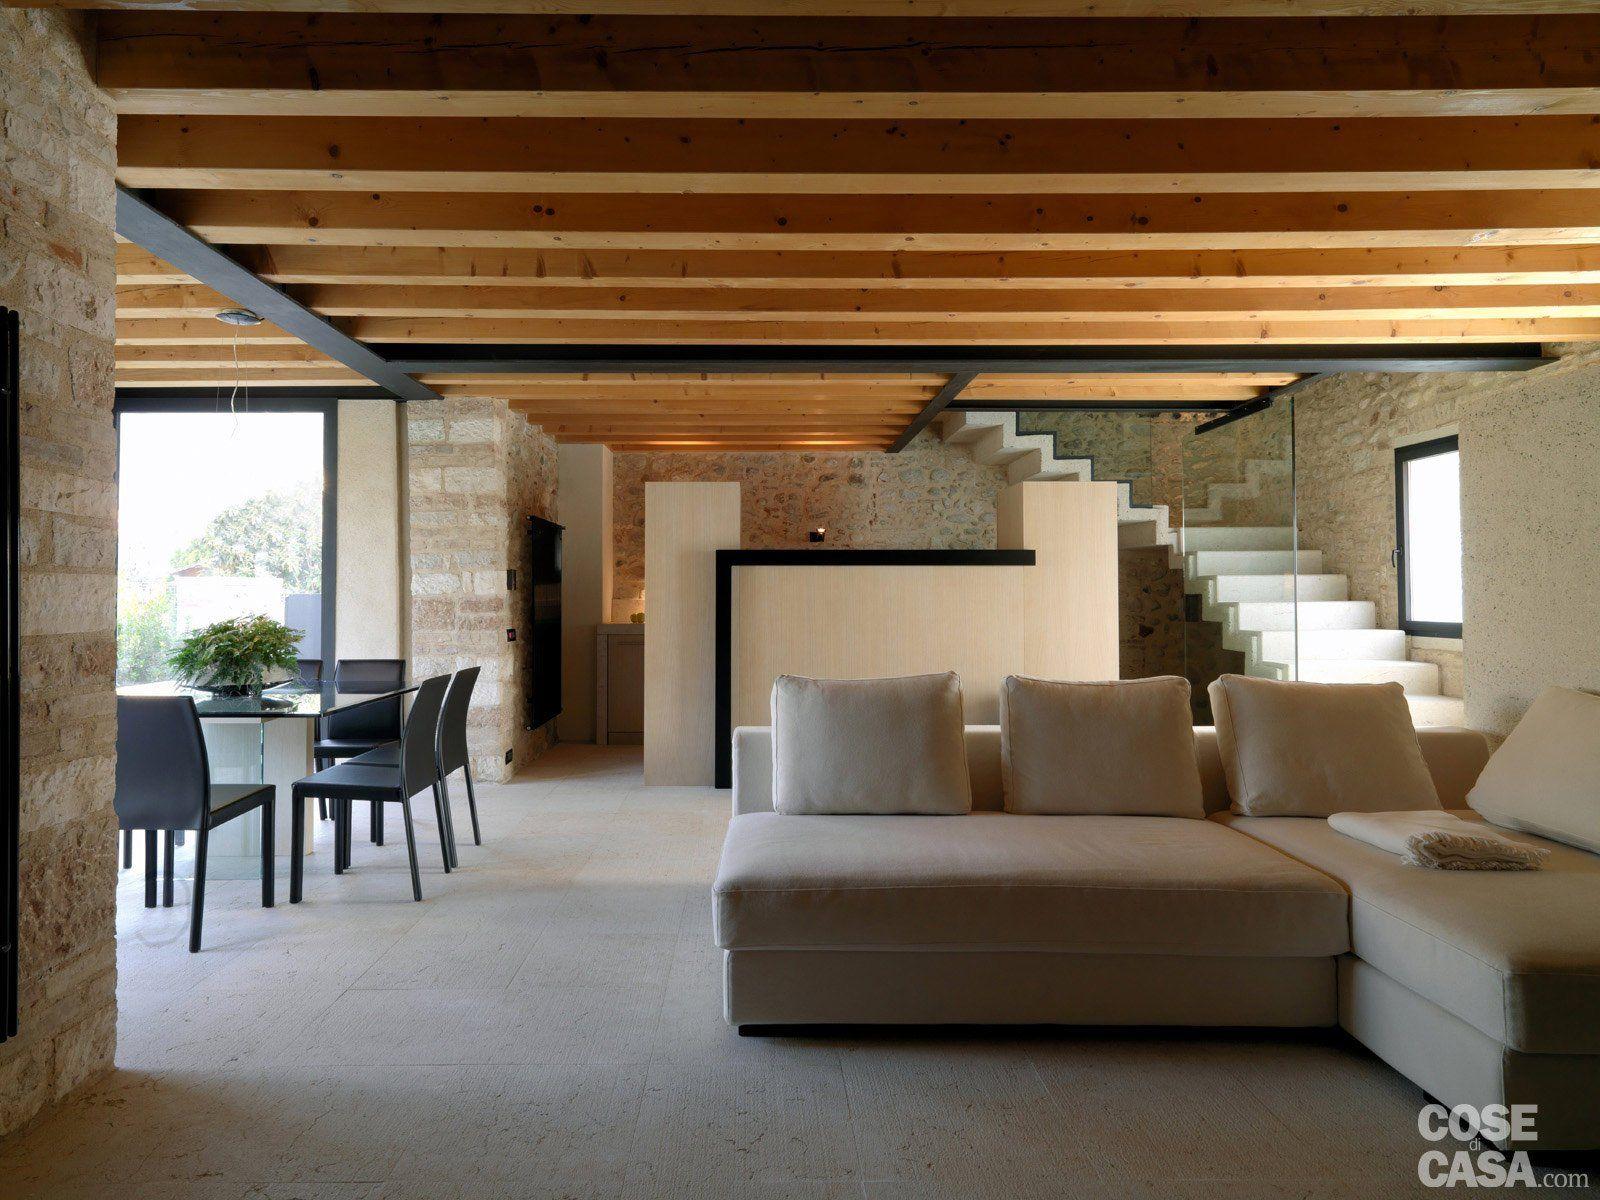 Case interni in pietra con legno e pietra a vista nella for Cose fatte in casa